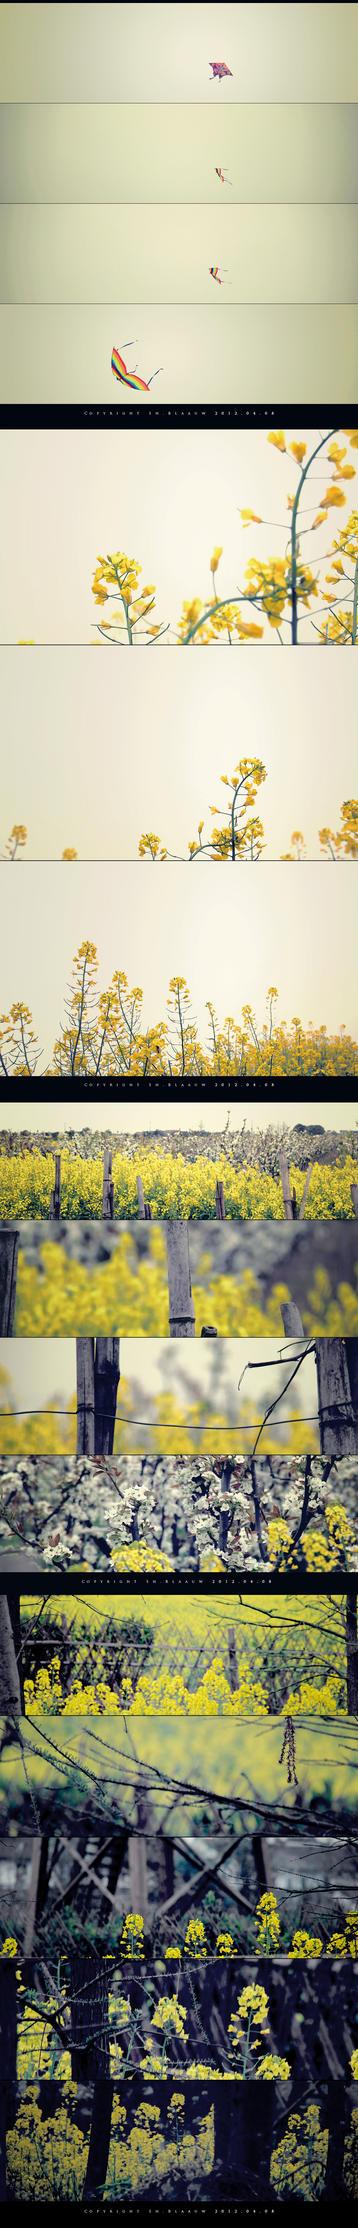 2012.04.08 by BLAAUW000